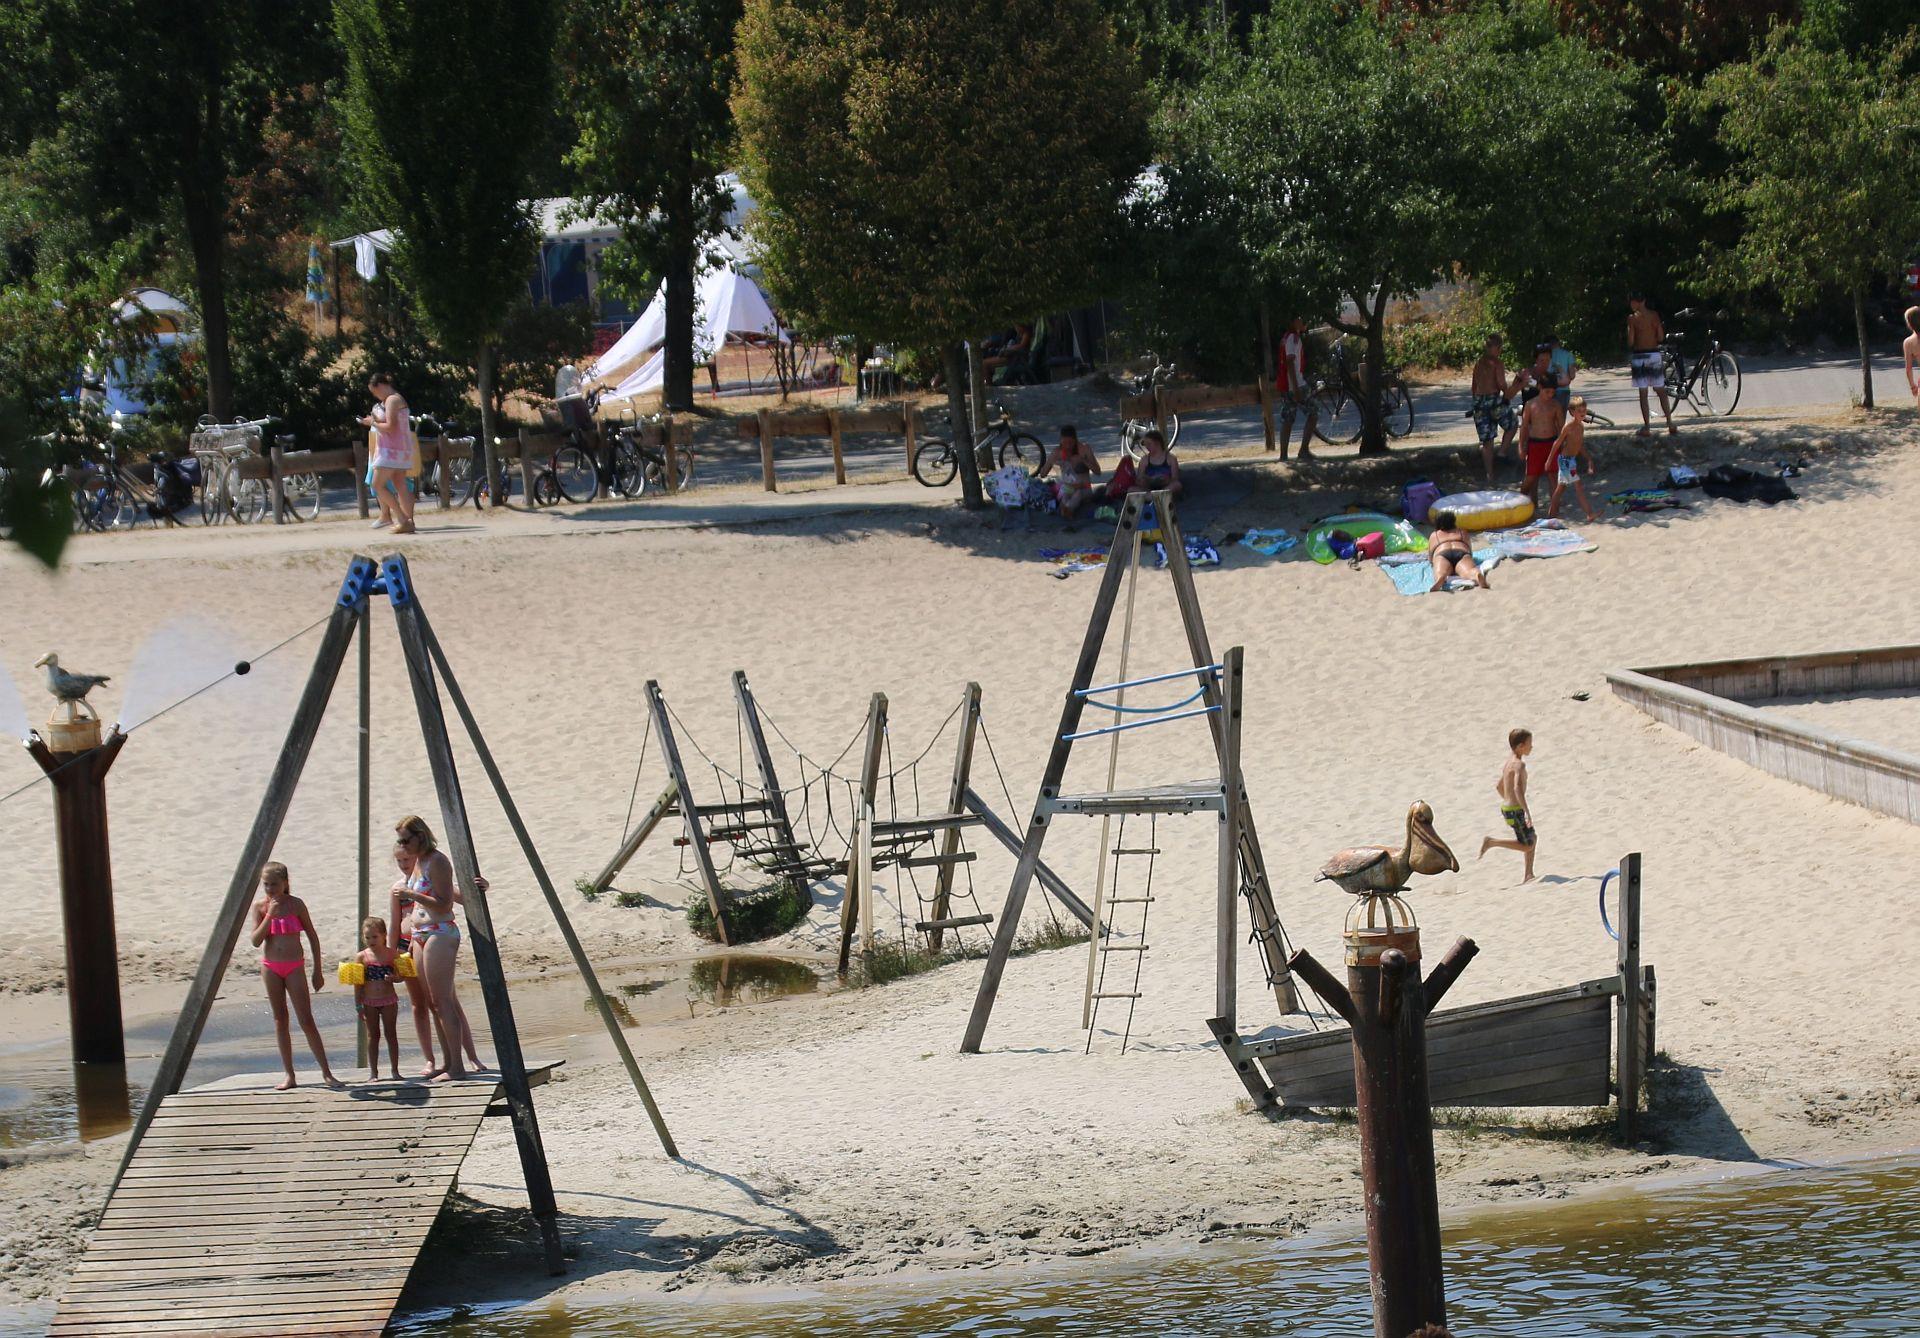 Gezinscamping in het Vechtdal Overijssel - Gezinscamping in het Vechtdal Overijssel 5 sterren